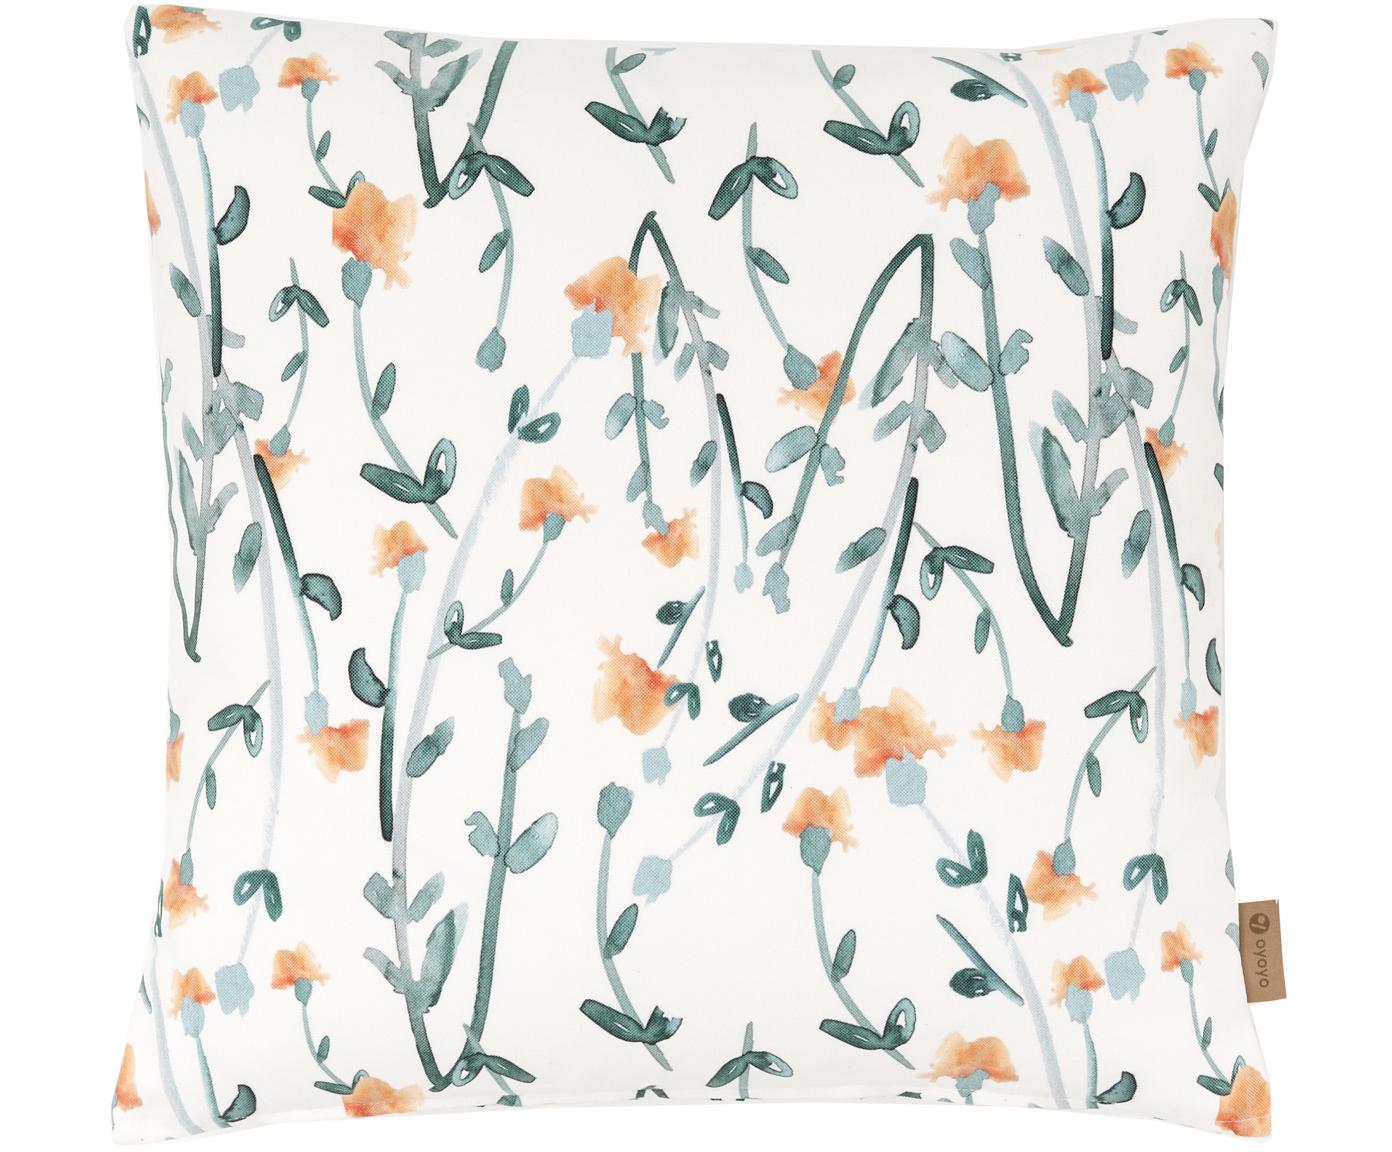 Kissenhülle Blütentraum mit Blumenmuster, 100% Polyester, Weiß, Grün, Orange, 50 x 50 cm